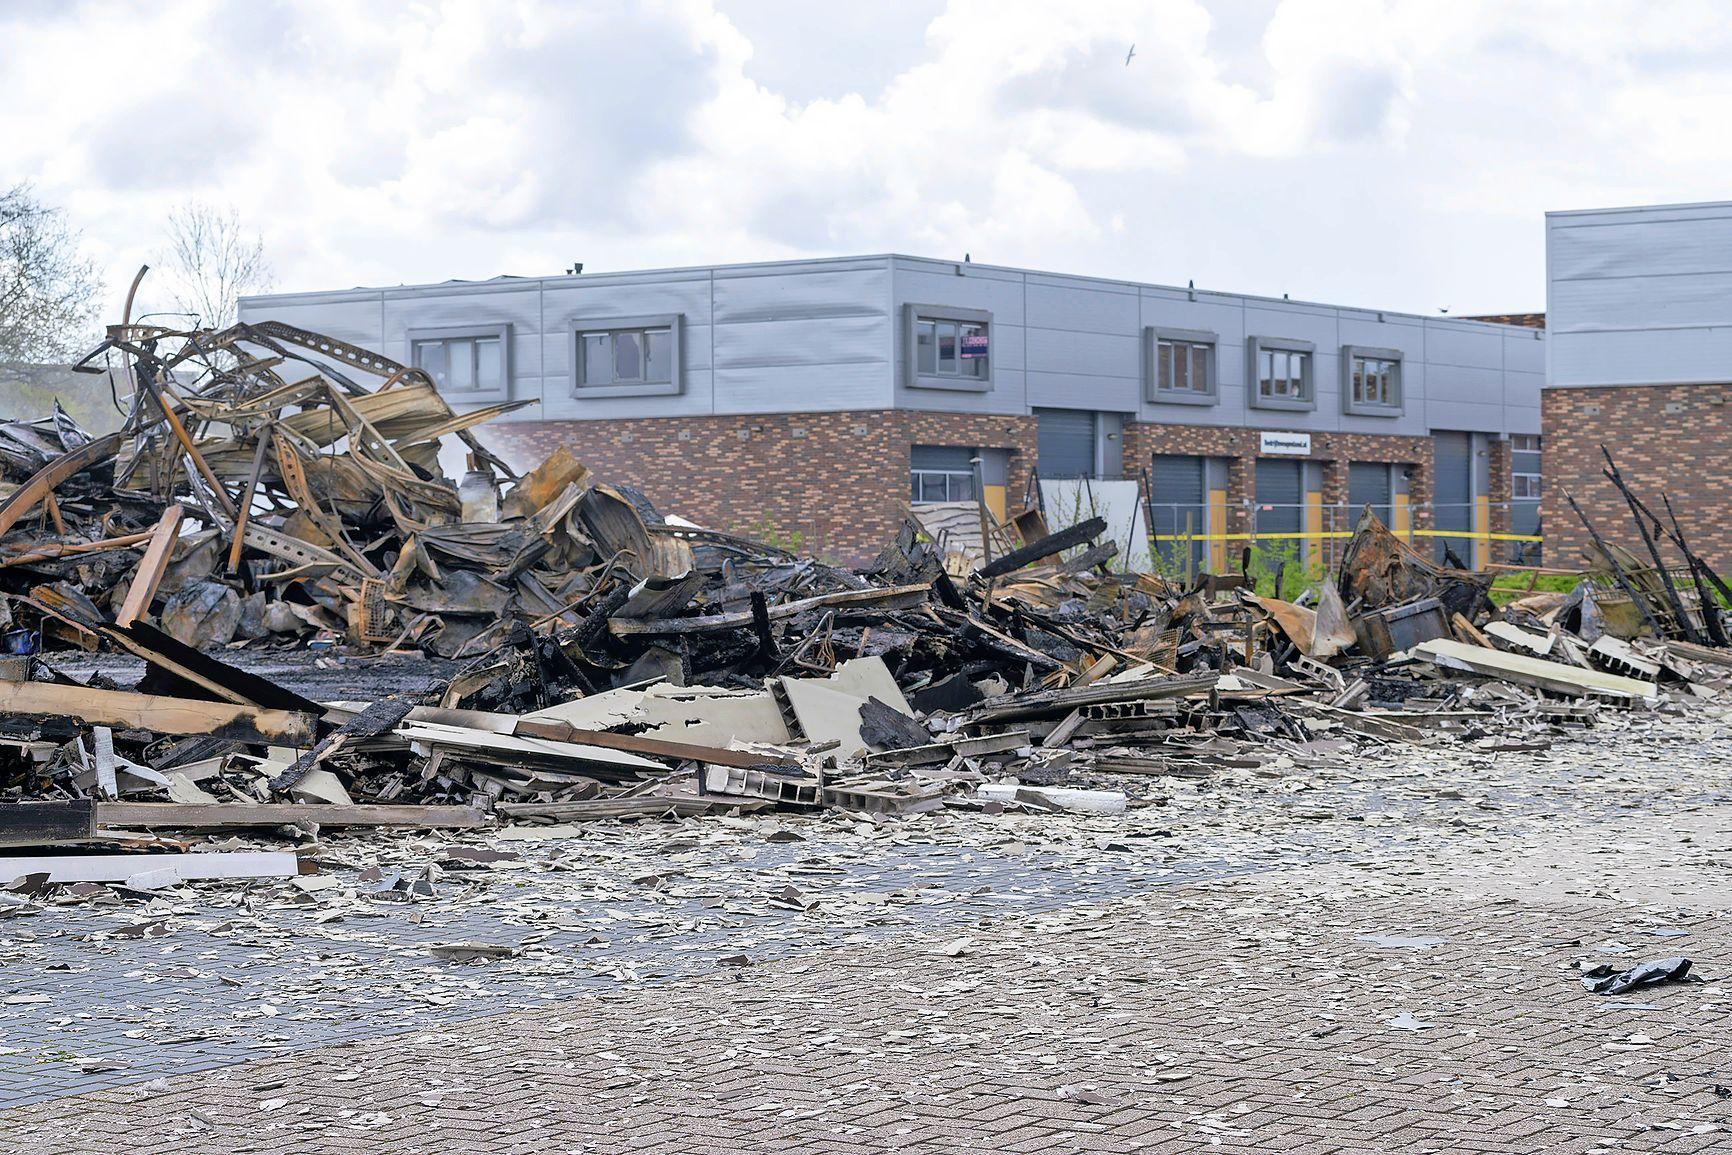 Opruimactie in omgeving brandpanden nog niet voltooid. Bouwmarkt Karwei in Broek op Langedijk blijft dicht